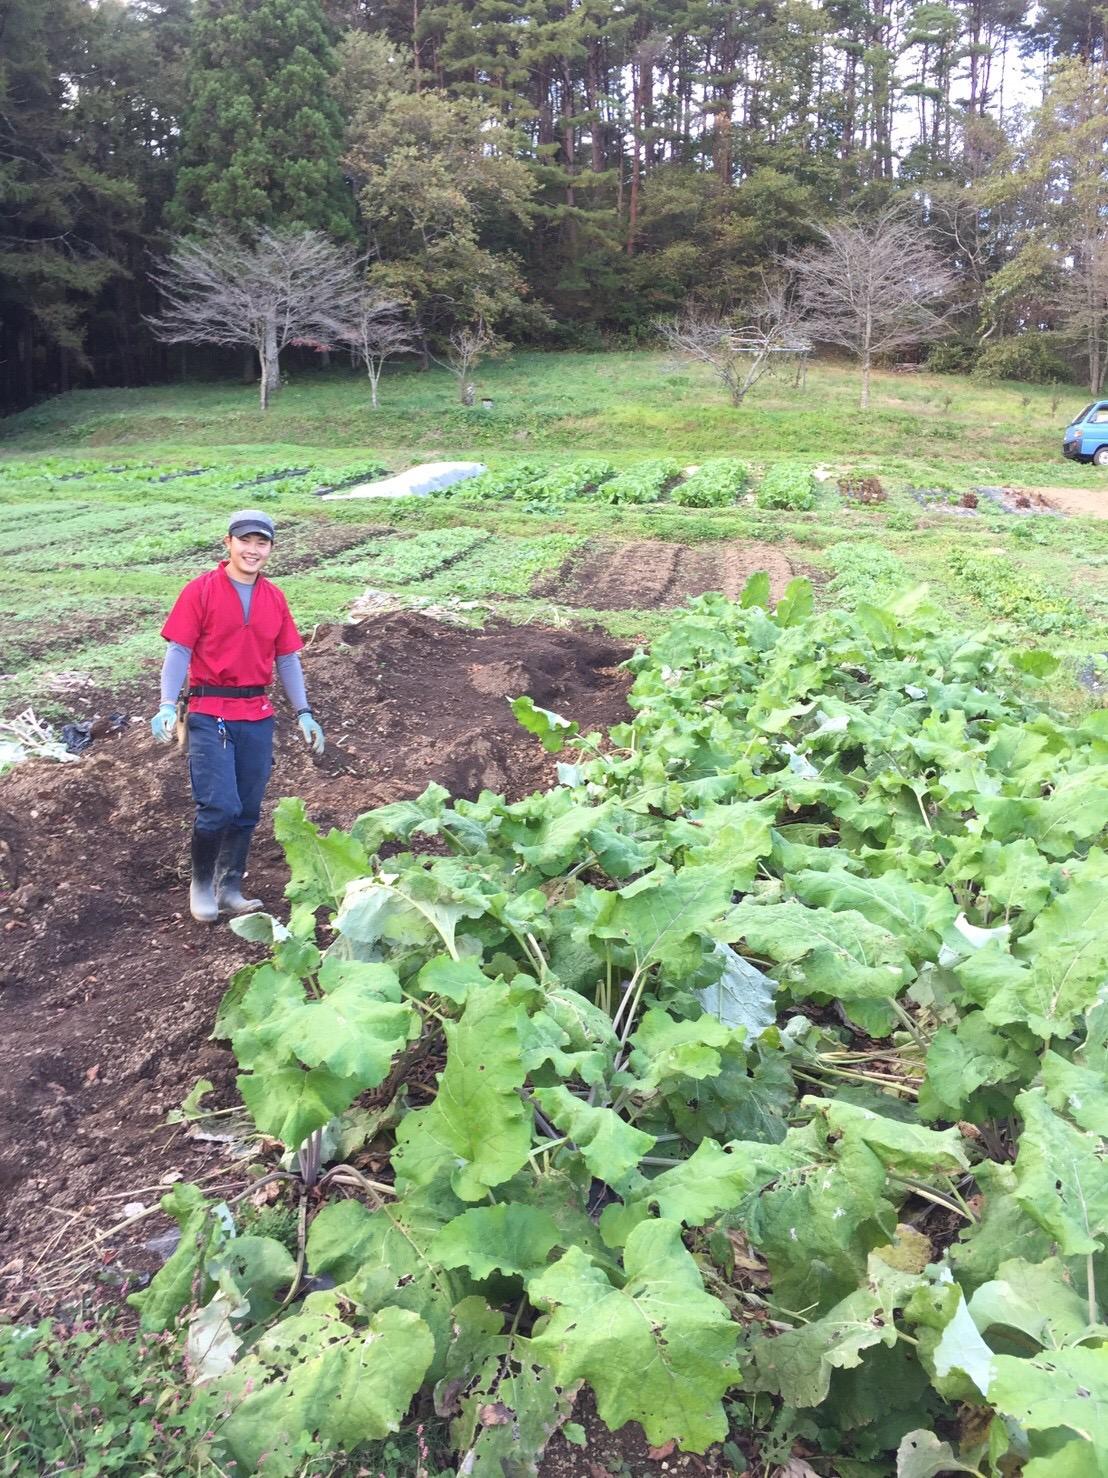 大学卒業後、農家を始めた鎌田大地さん。80種類以上の野菜を、無農薬で育てています。